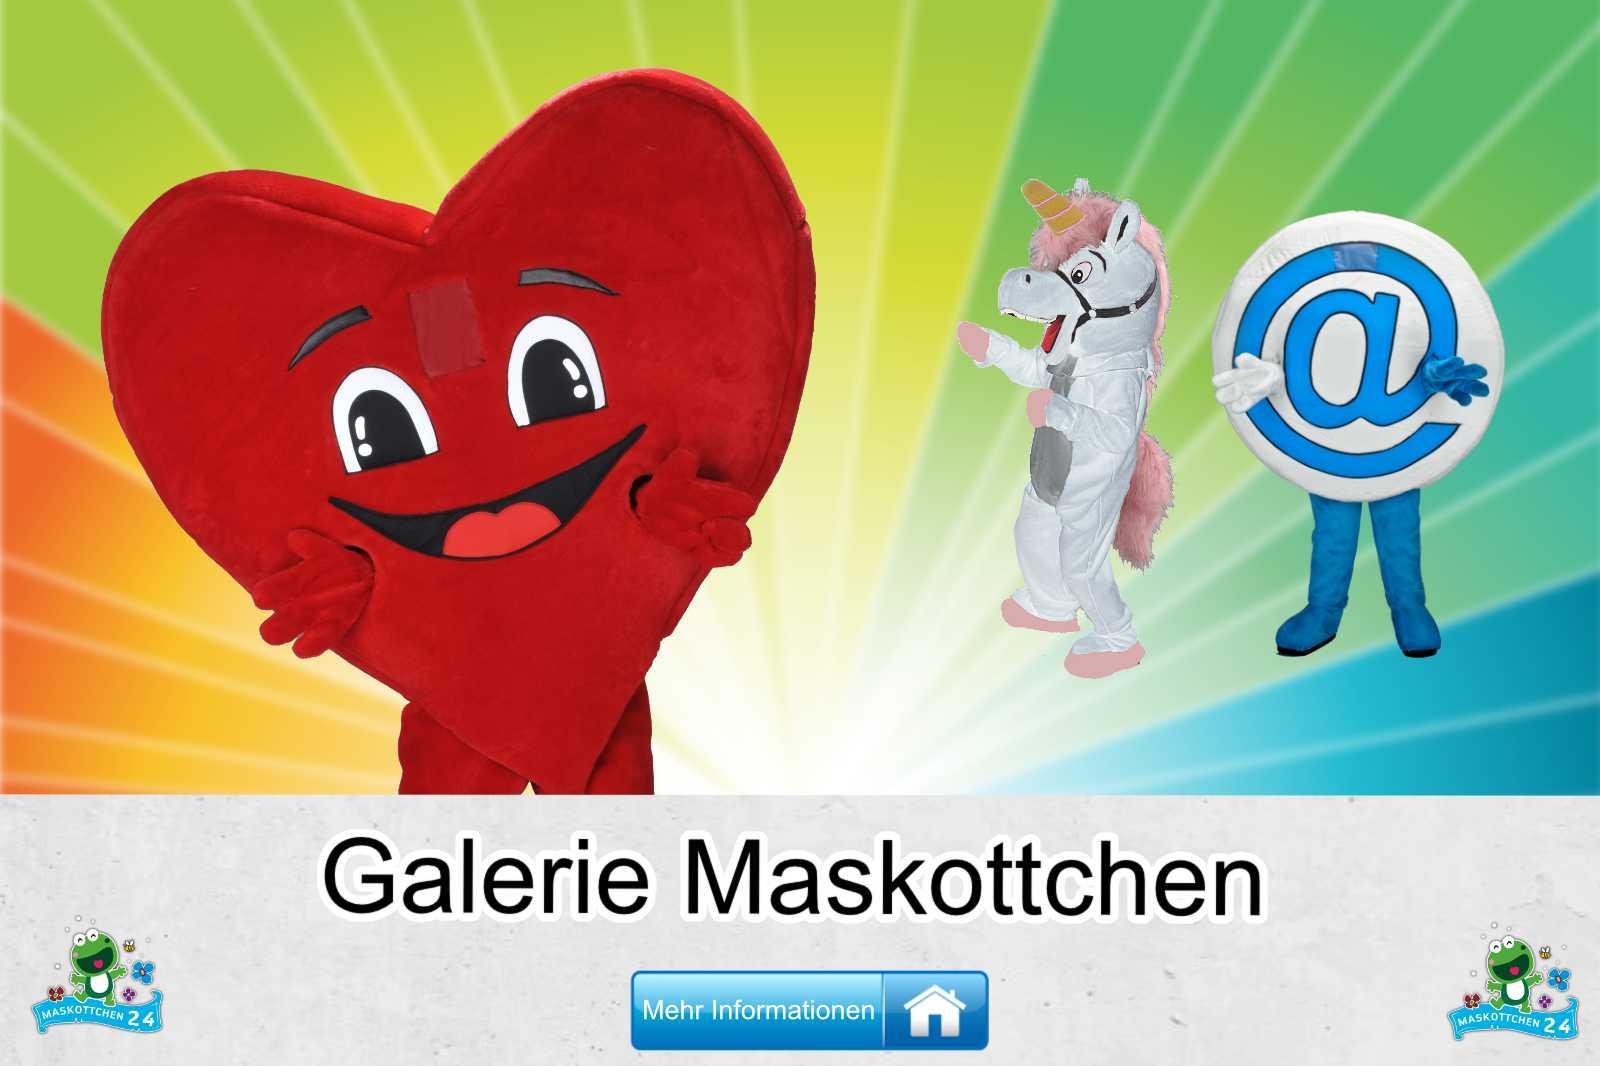 Galerie Kostüm kaufen, günstige Produktion / Herstellung